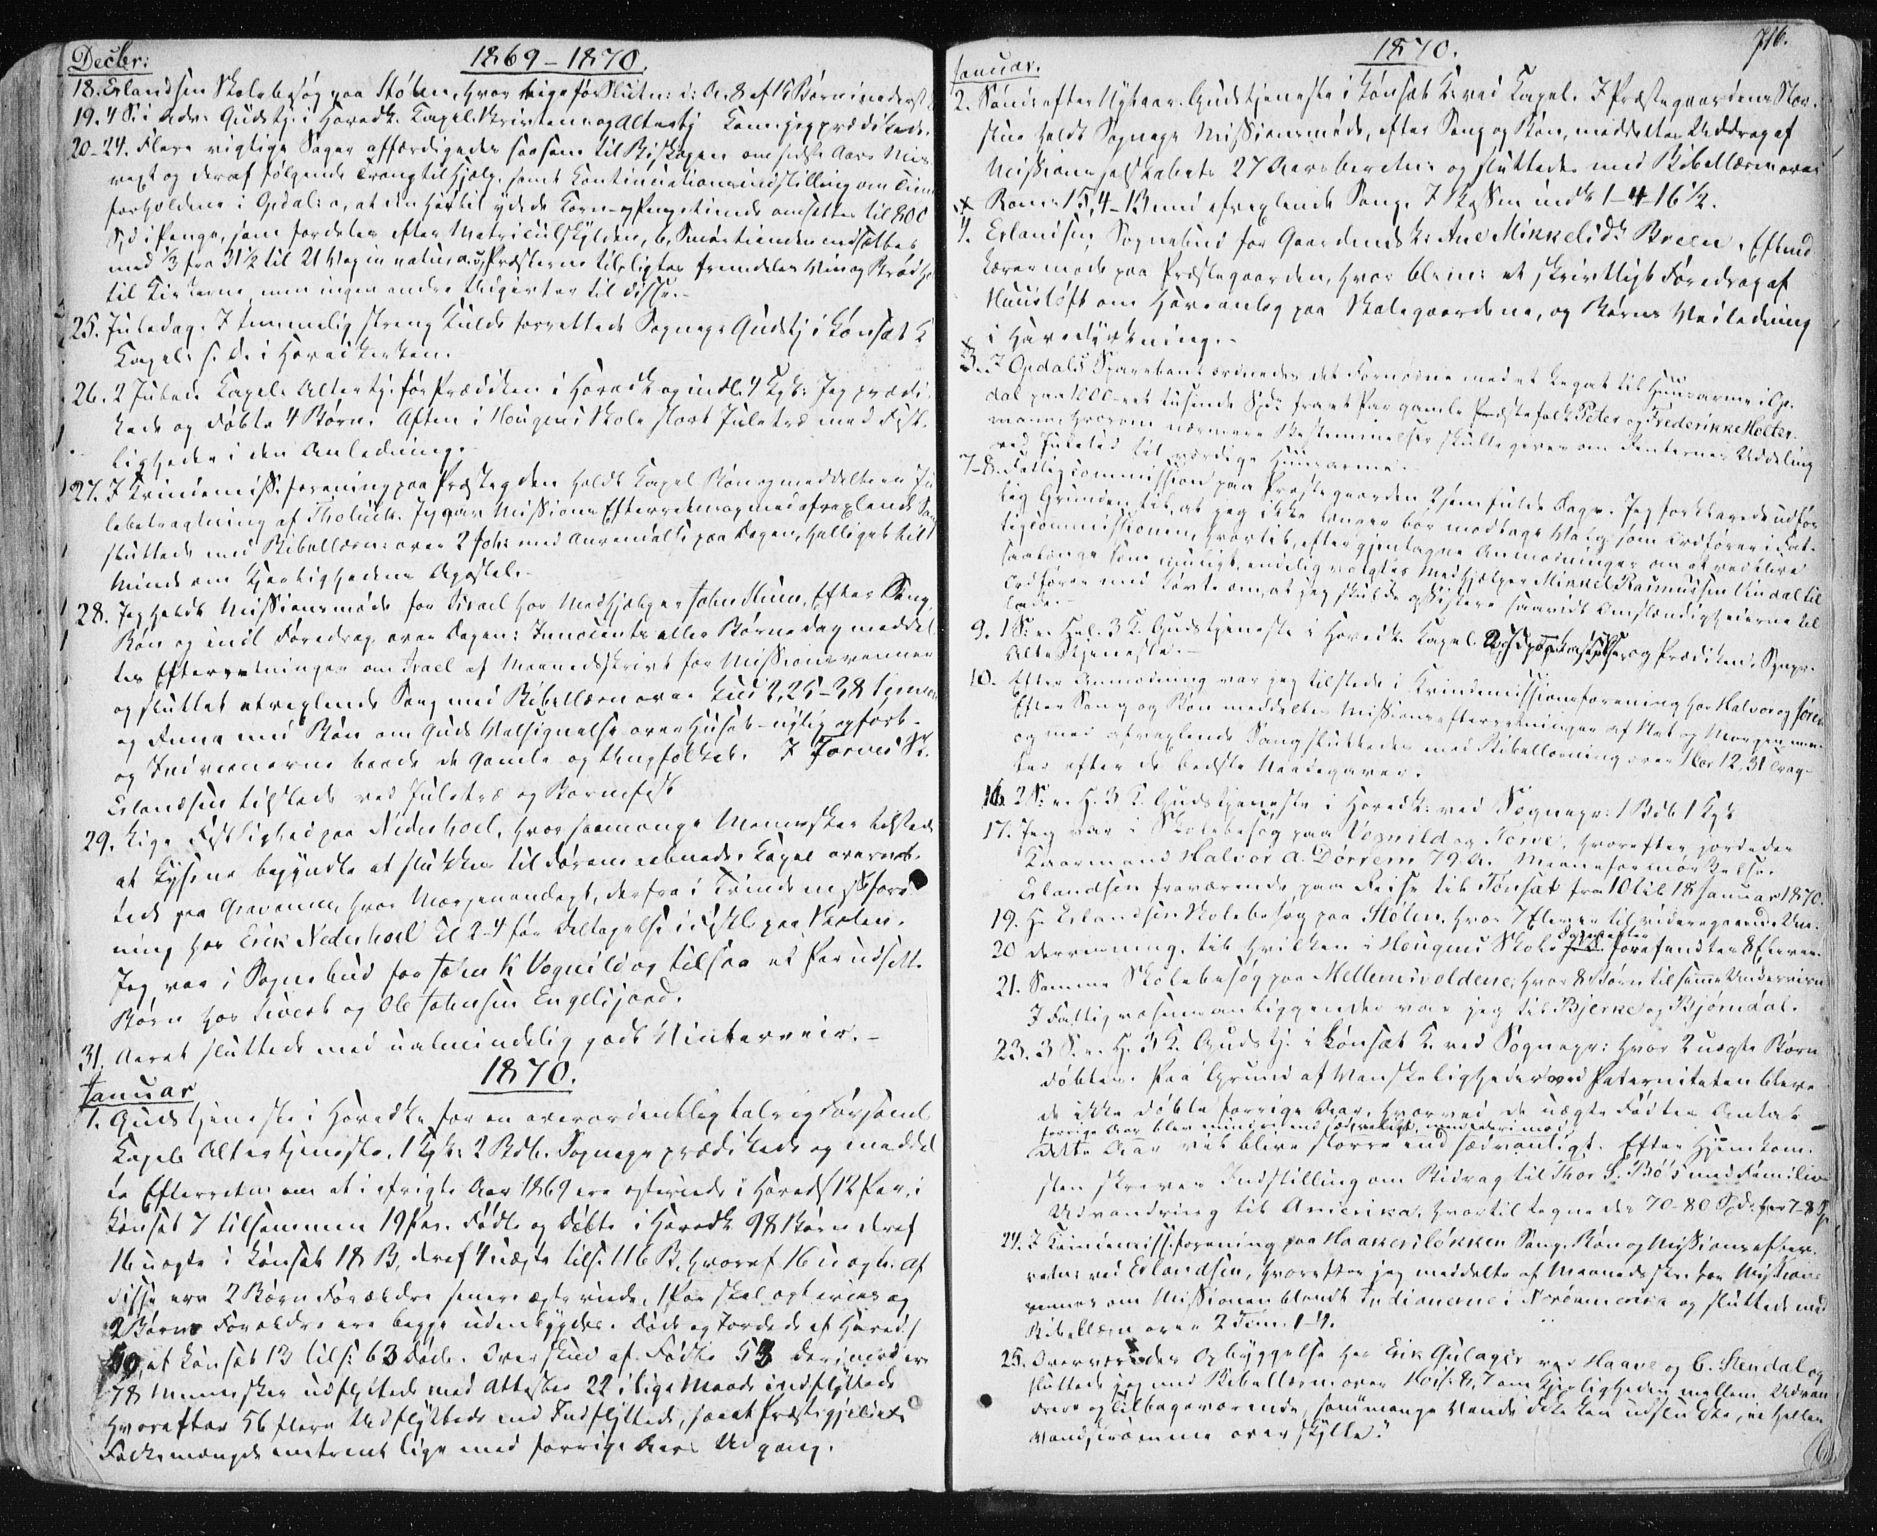 SAT, Ministerialprotokoller, klokkerbøker og fødselsregistre - Sør-Trøndelag, 678/L0899: Ministerialbok nr. 678A08, 1848-1872, s. 716